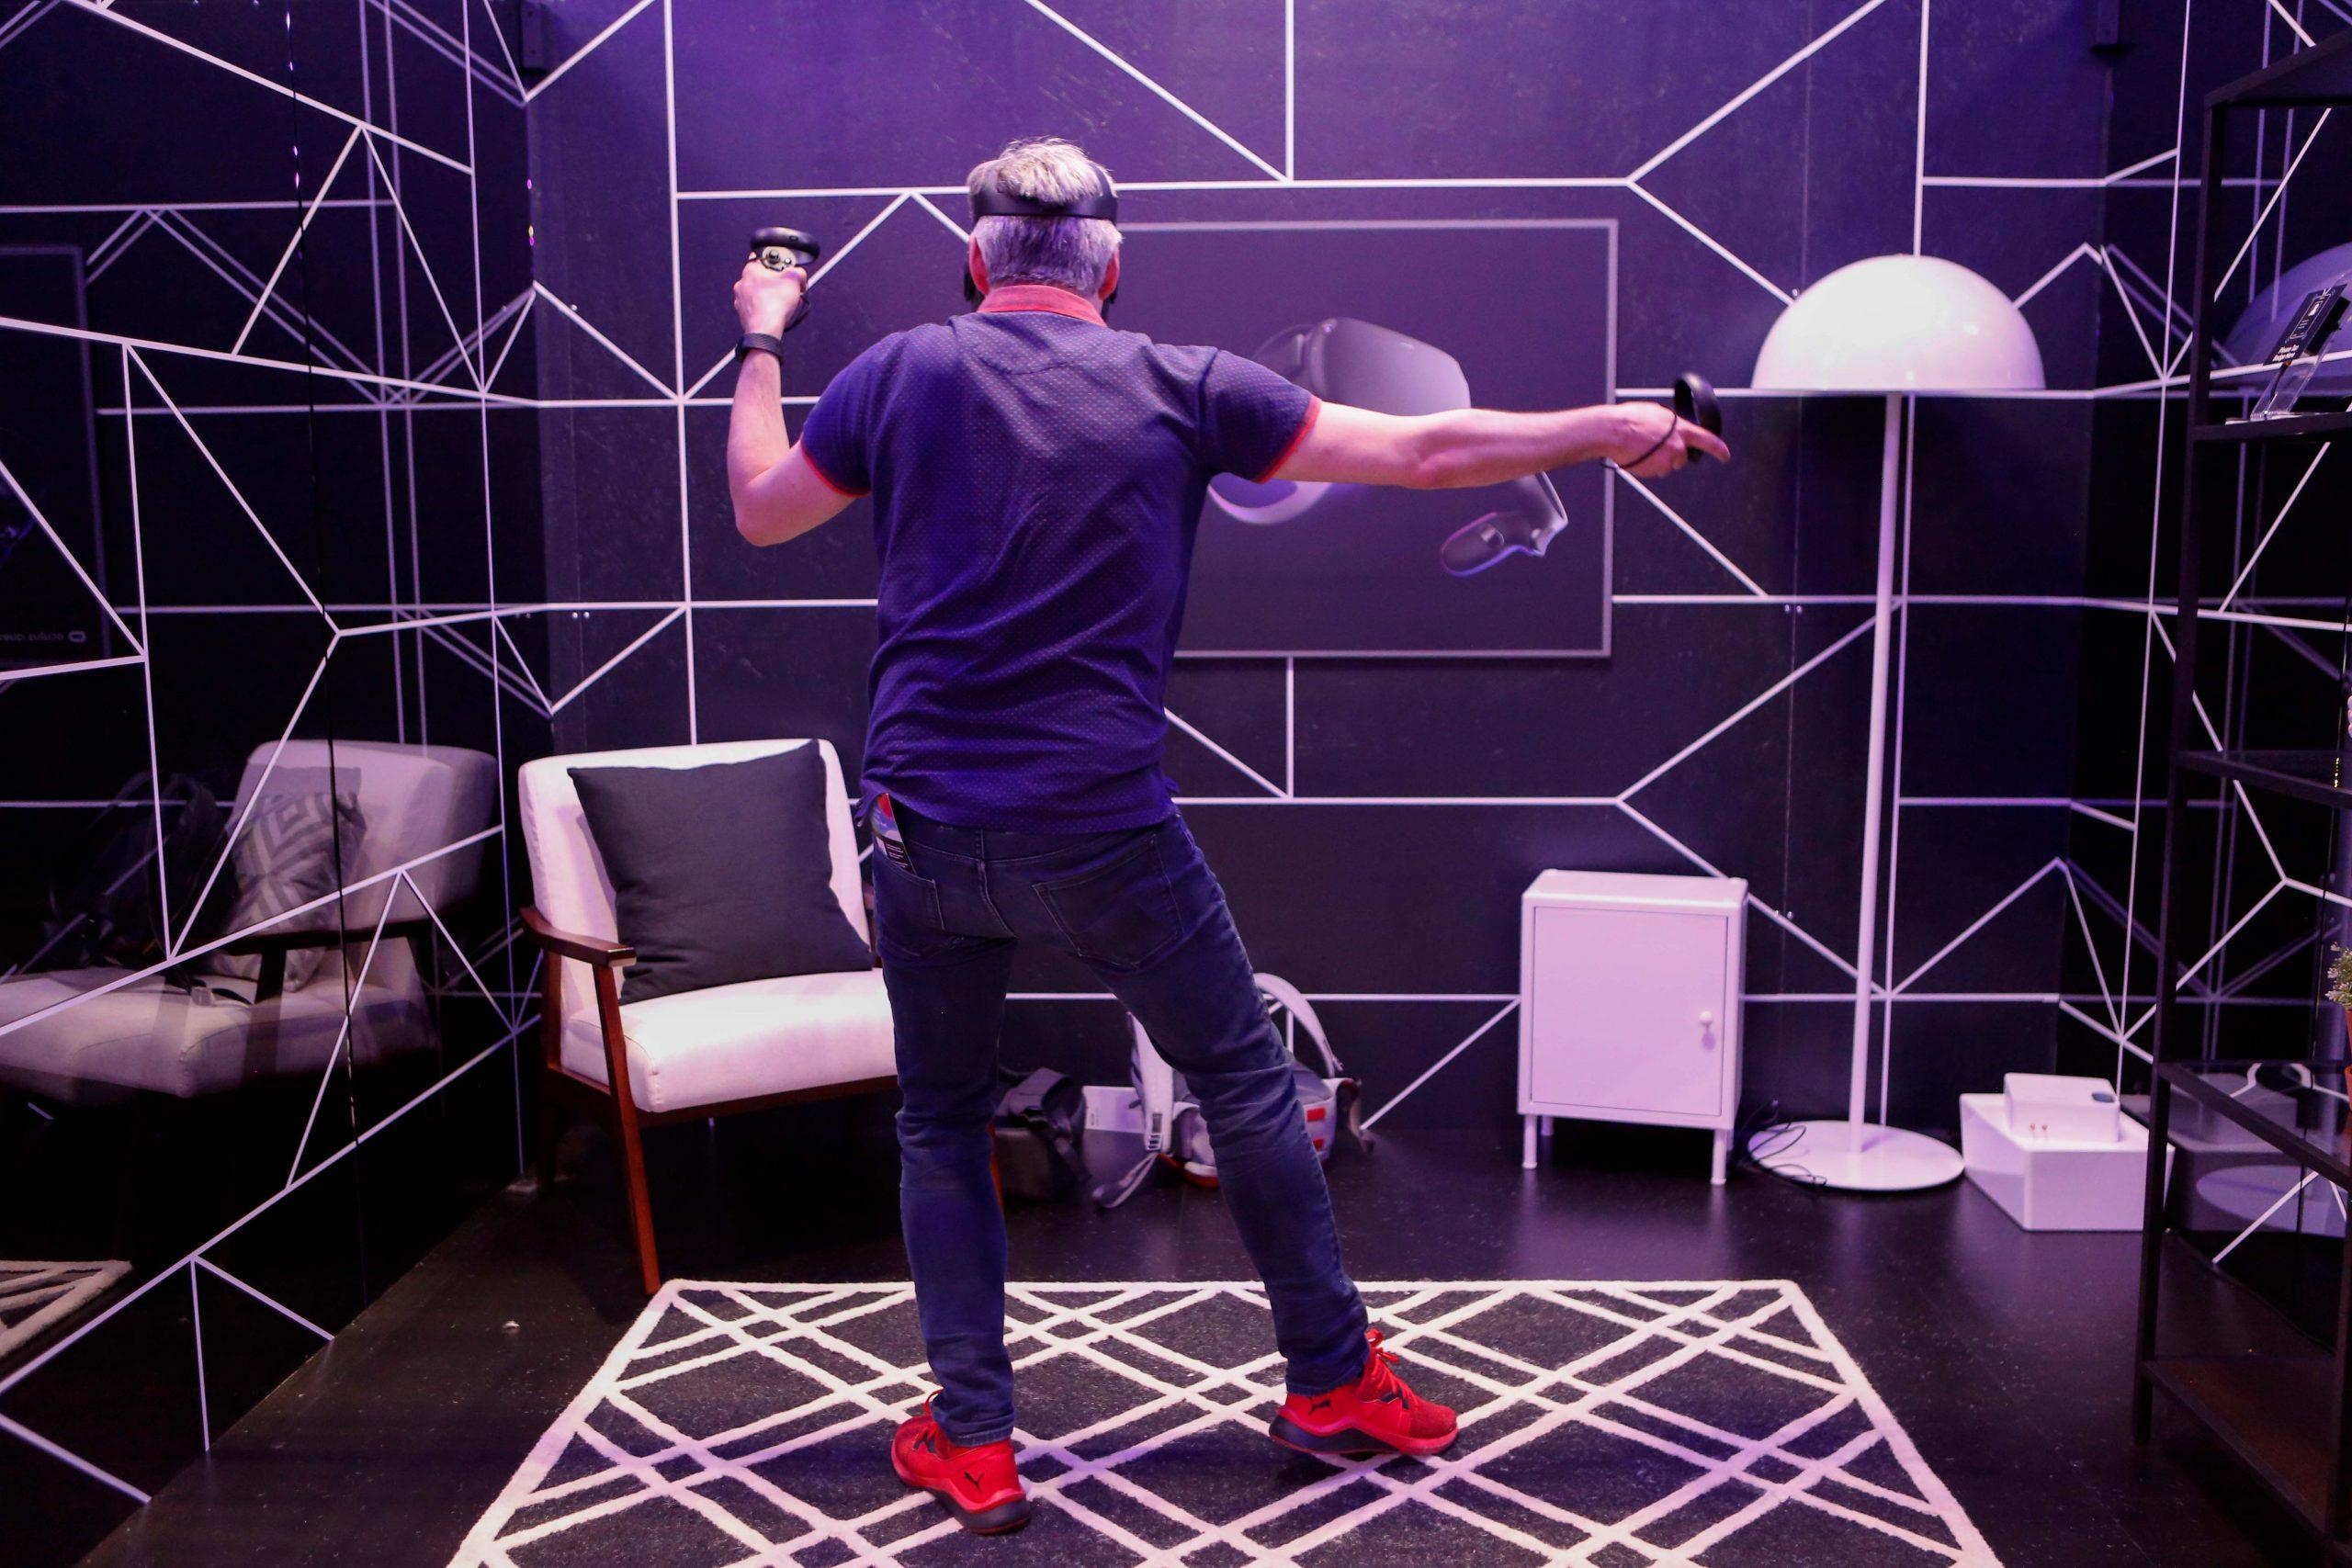 cosa si prova con un'esperienza di realtà virtuale visualpro 360